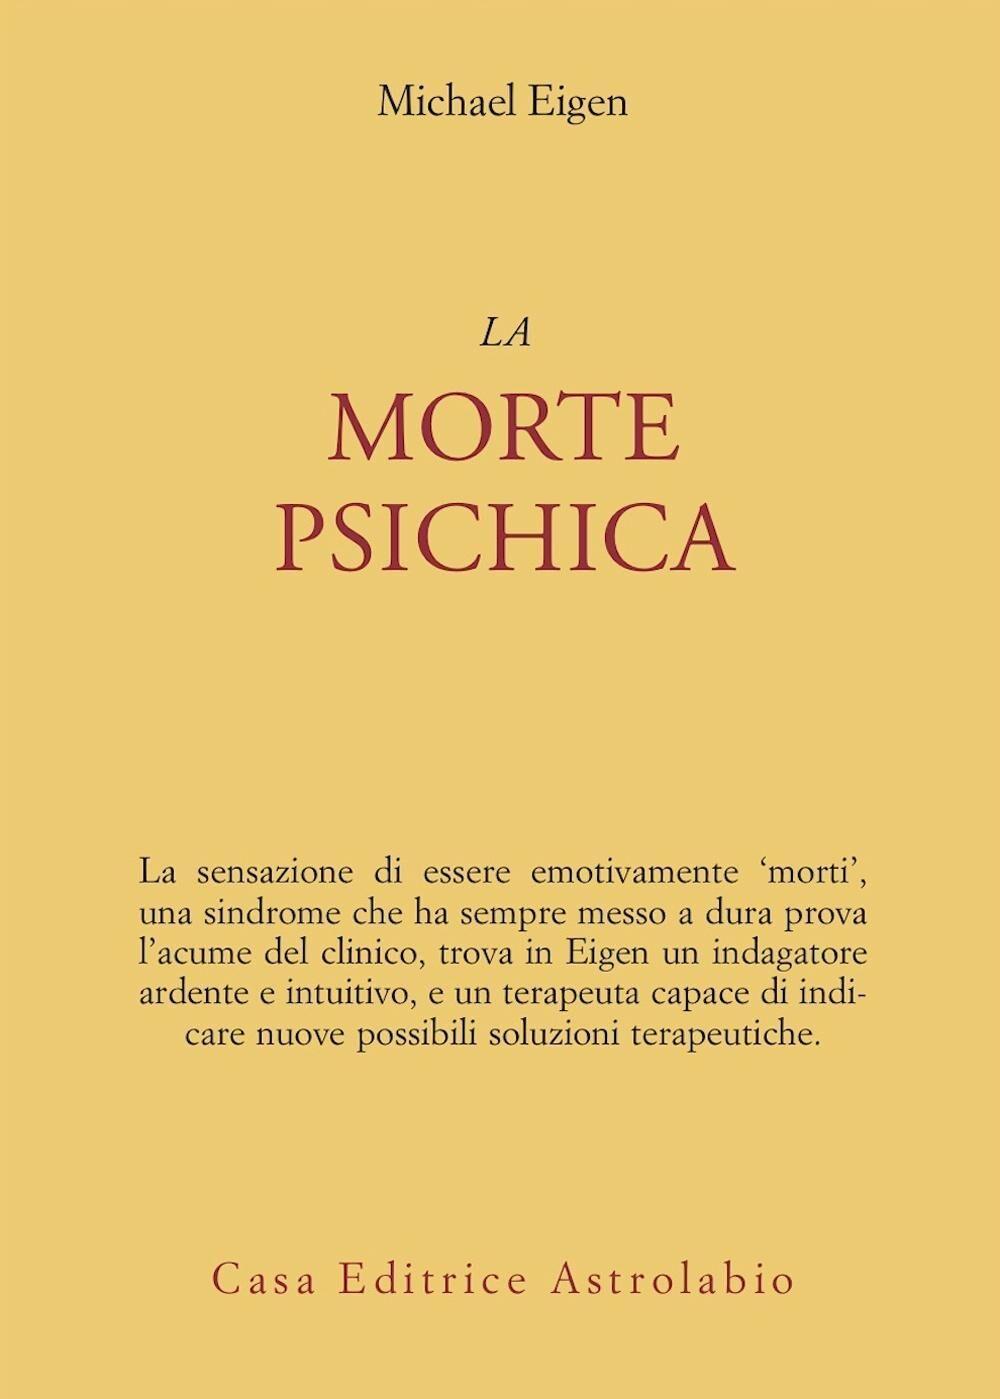 La morte psichica